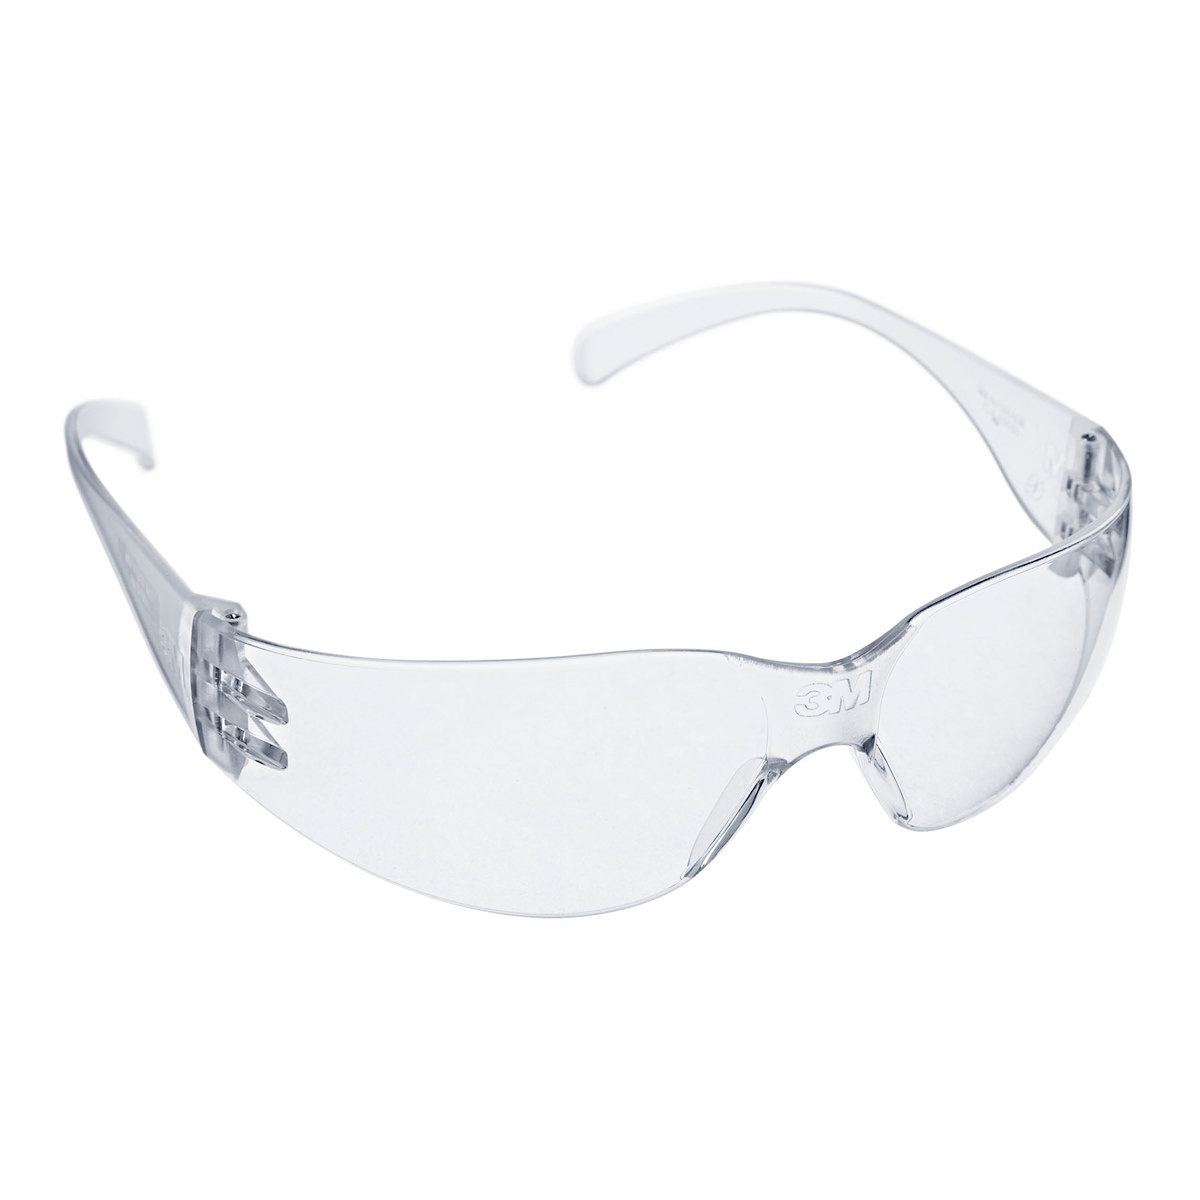 Óculos de Proteção Com Ofertas Imperdíveis na Casa do Soldador 80f5523295